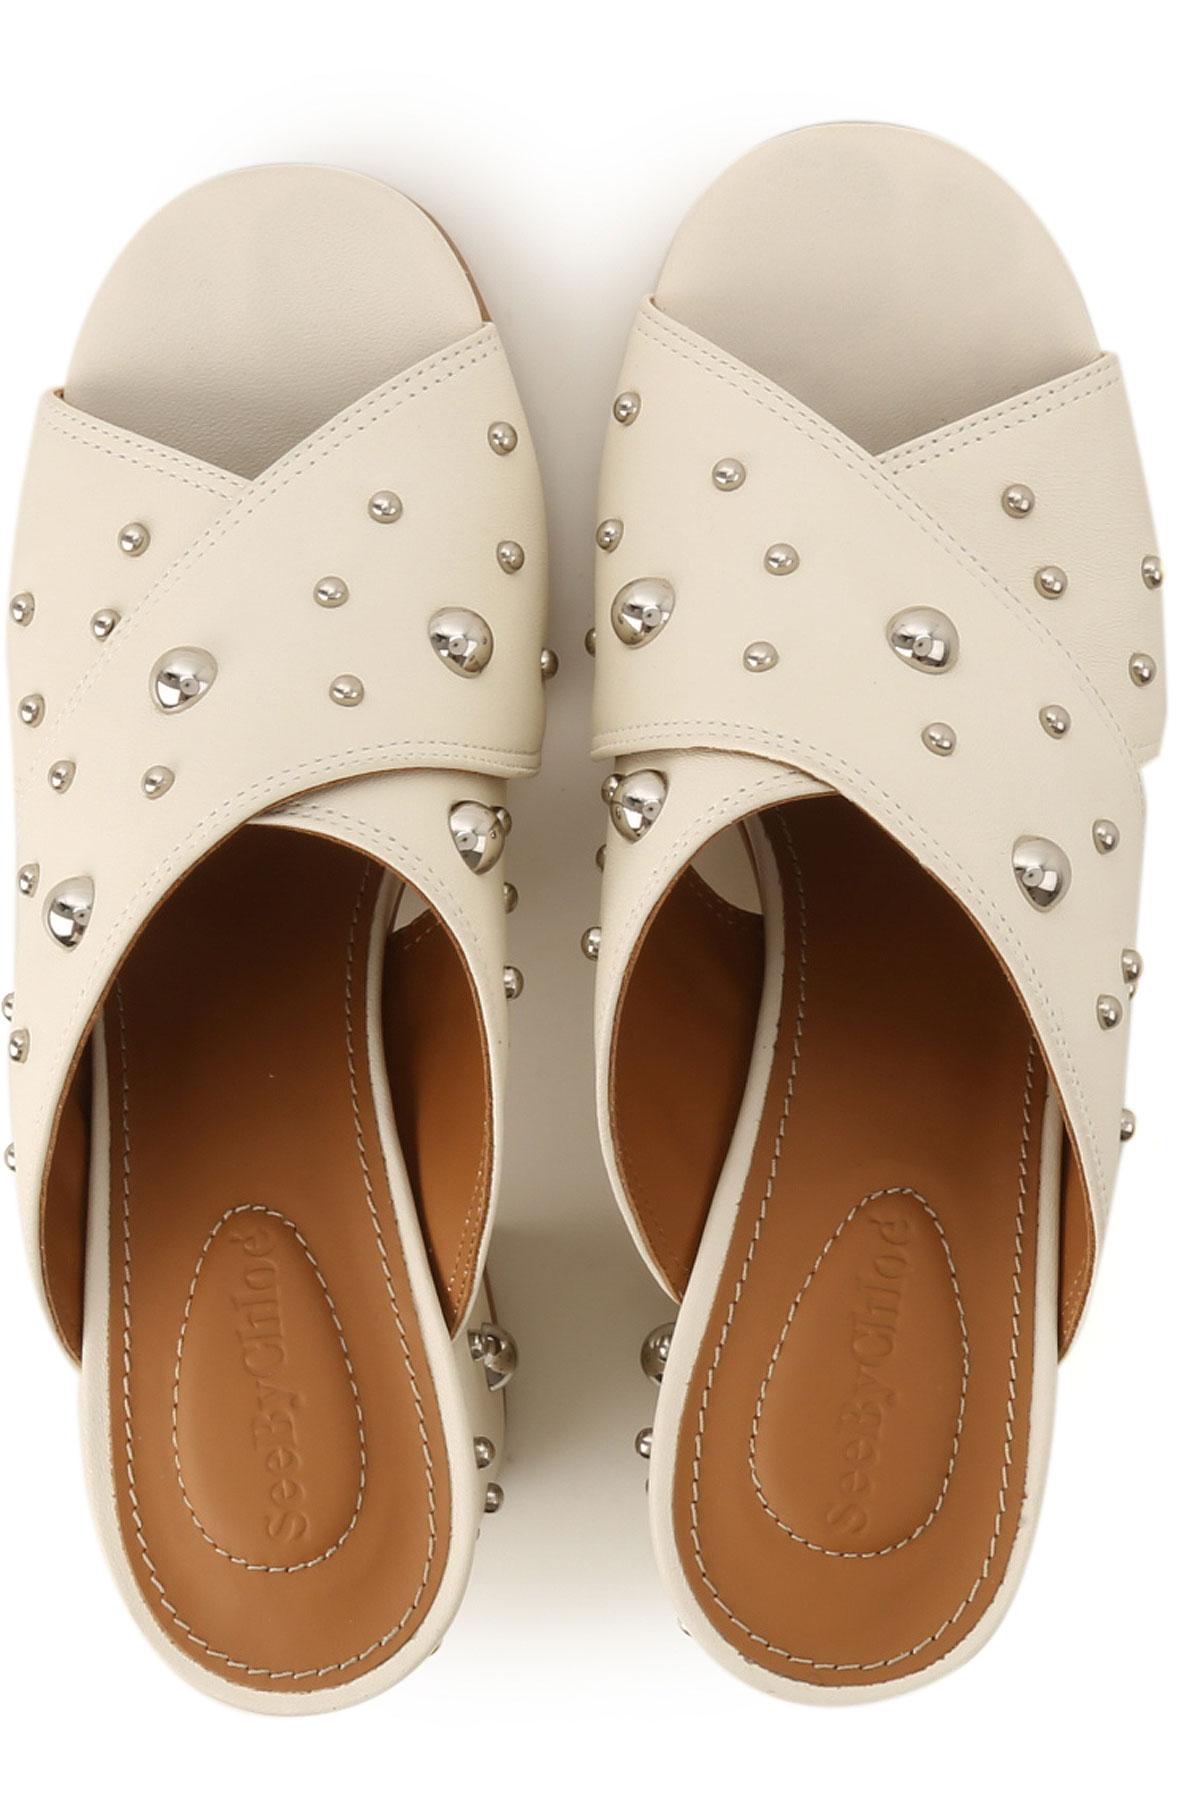 Para nbsp; Zapatos Mujer Chloe By Primavera See Tiza verano 2019 qnRCFwAxP